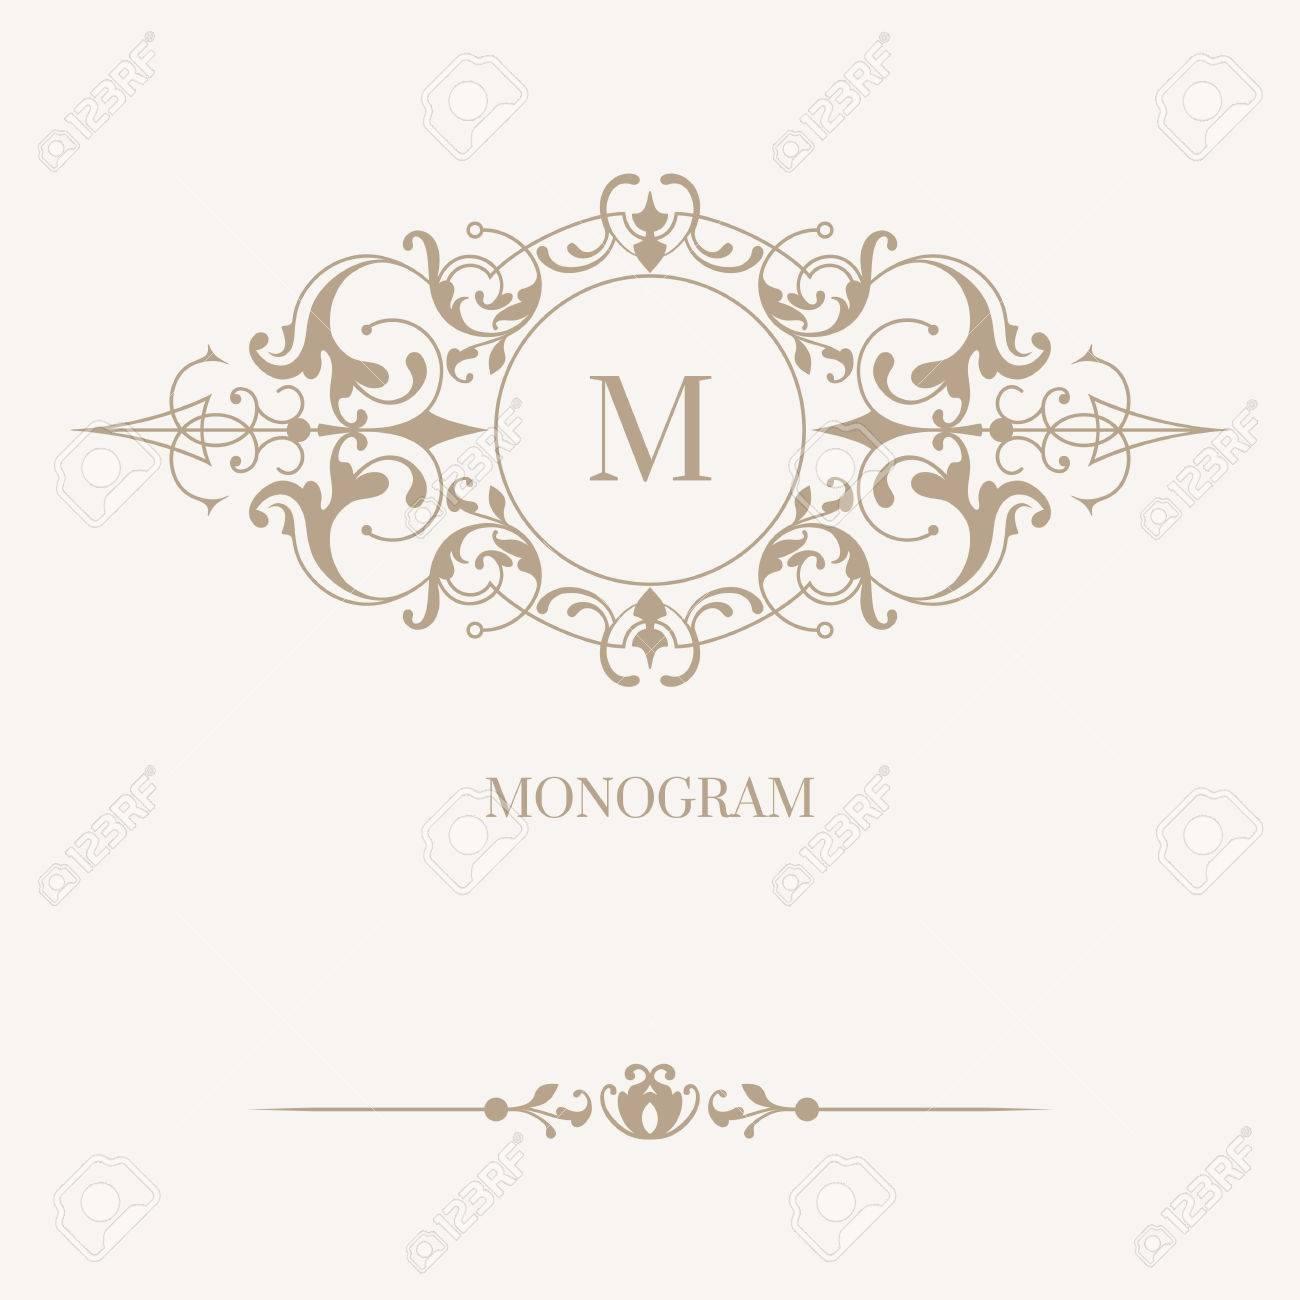 Monograma Floral Y Frontera. Ornamento Clásico. Plantilla Para Las ...